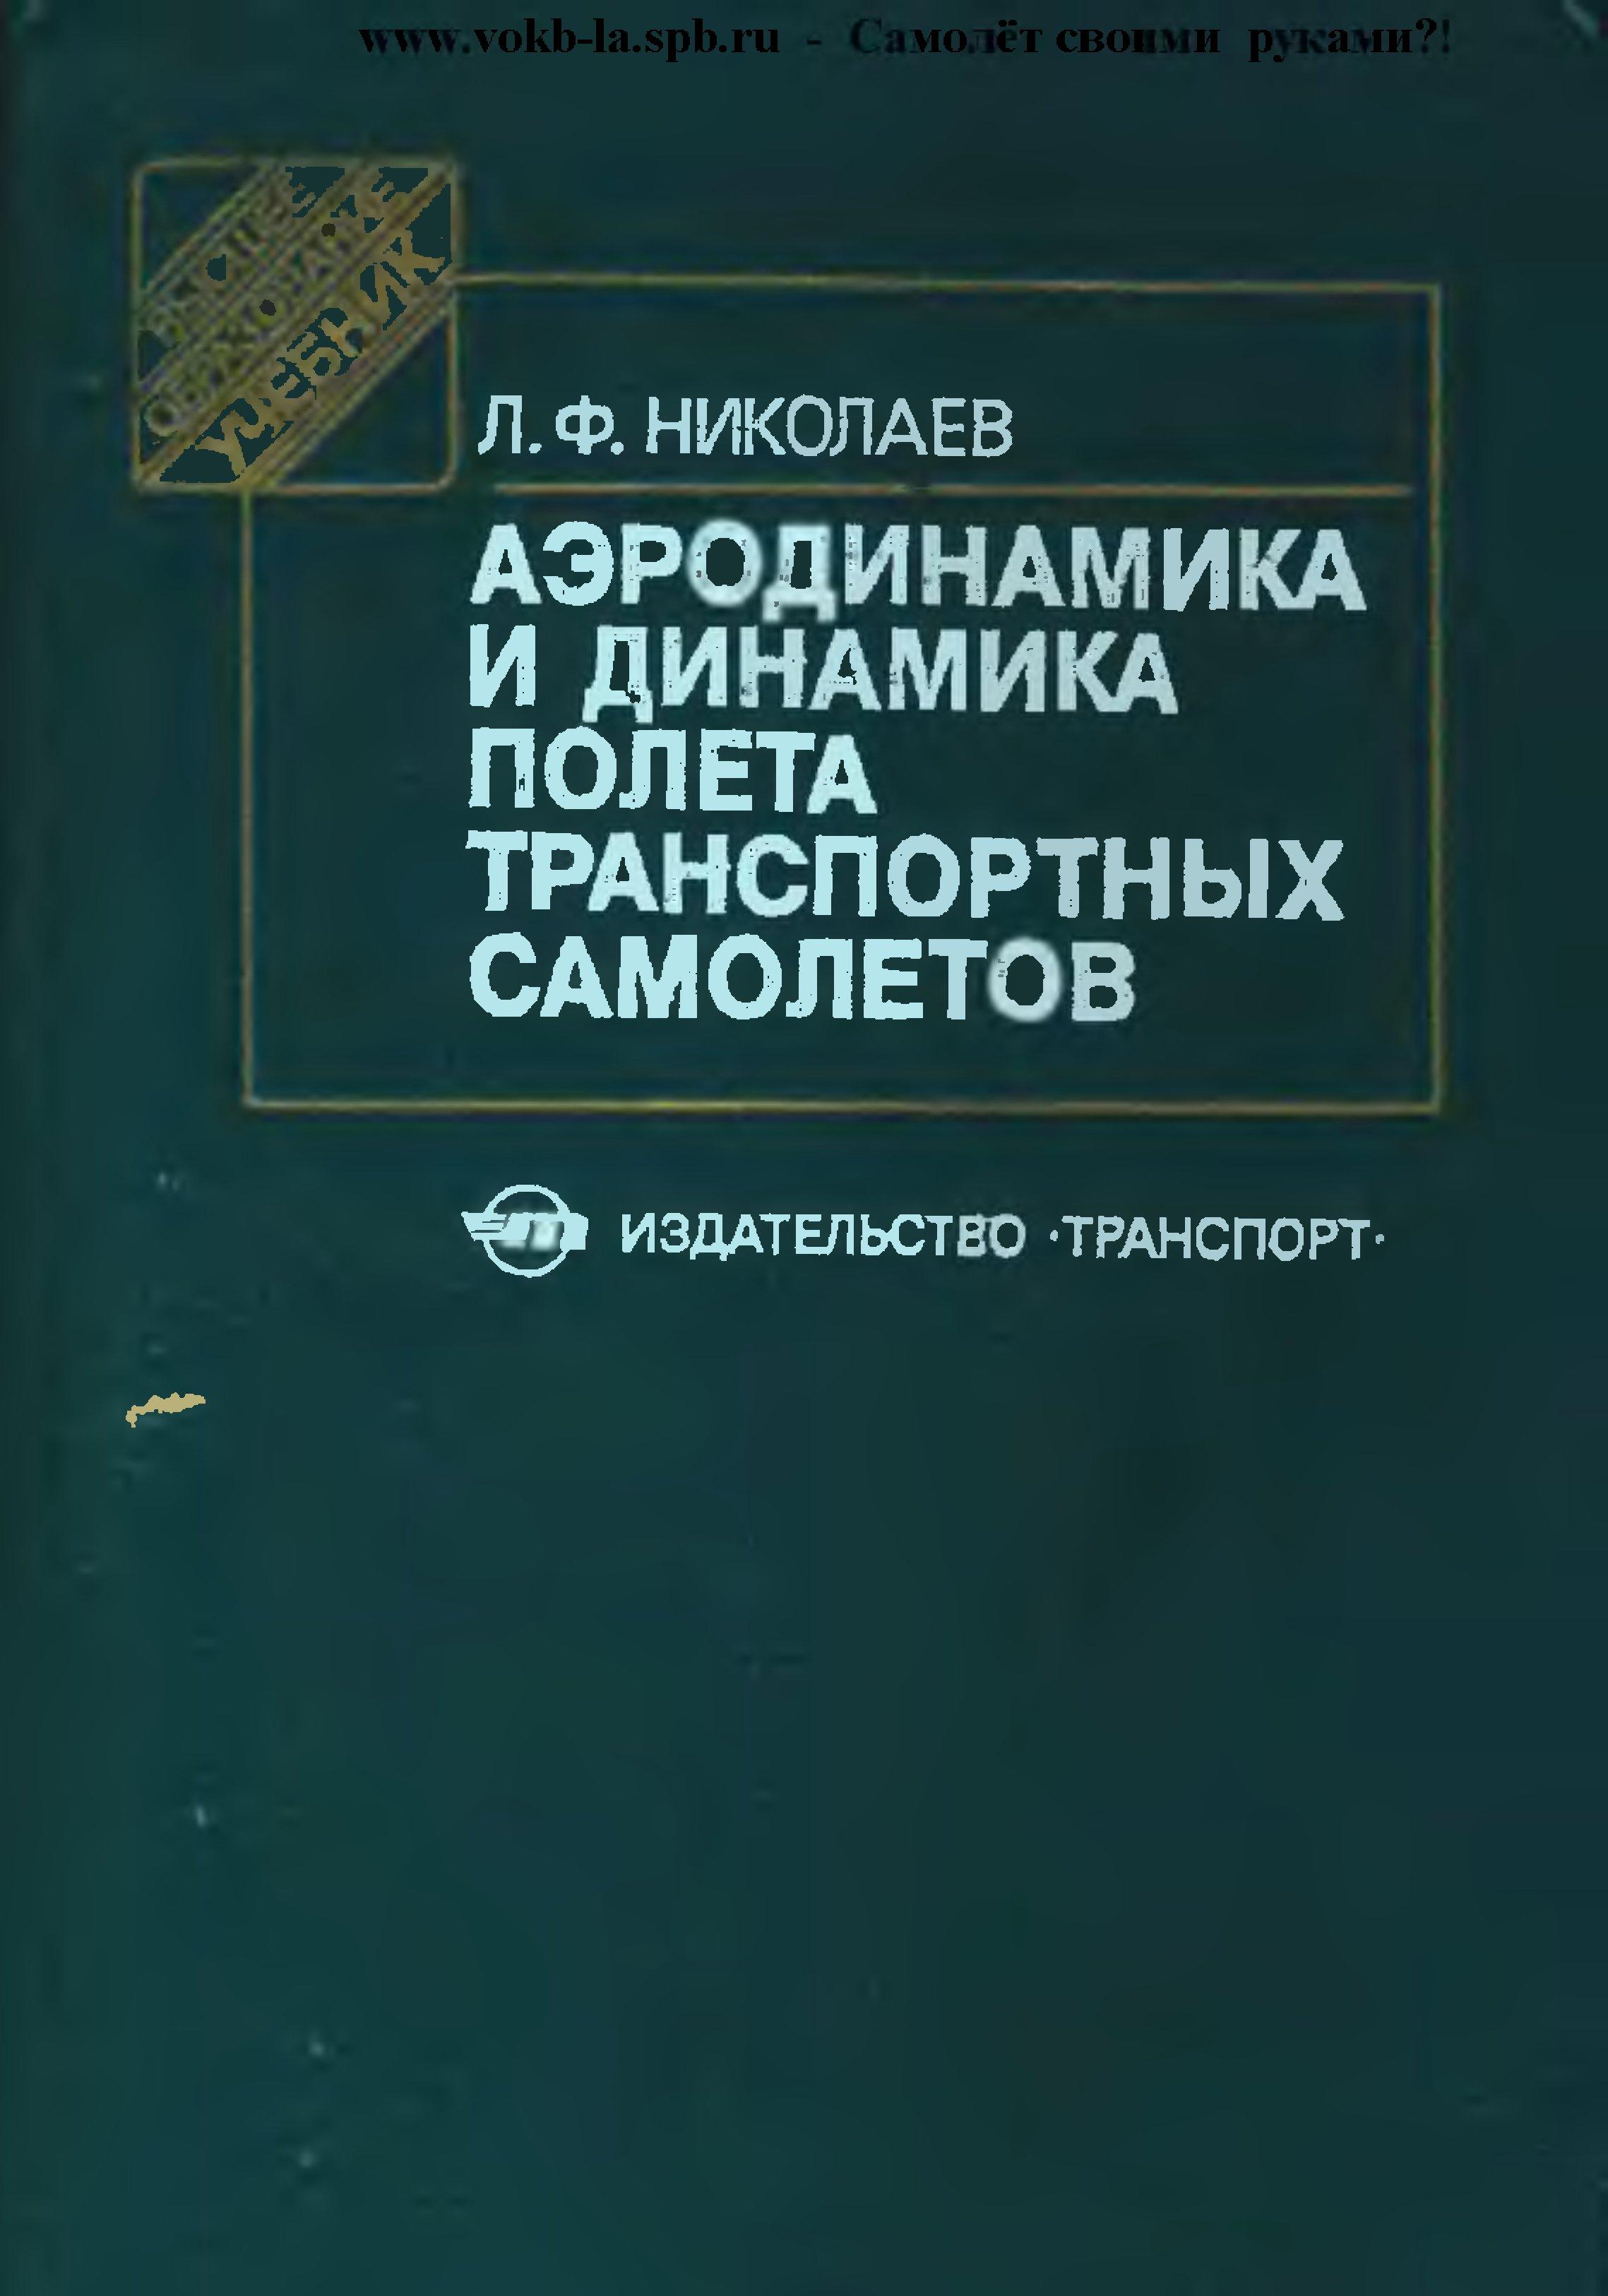 Обложка книги Аэродинамика и динамика полета транспортных самолетов (Николаев Л.Ф.)